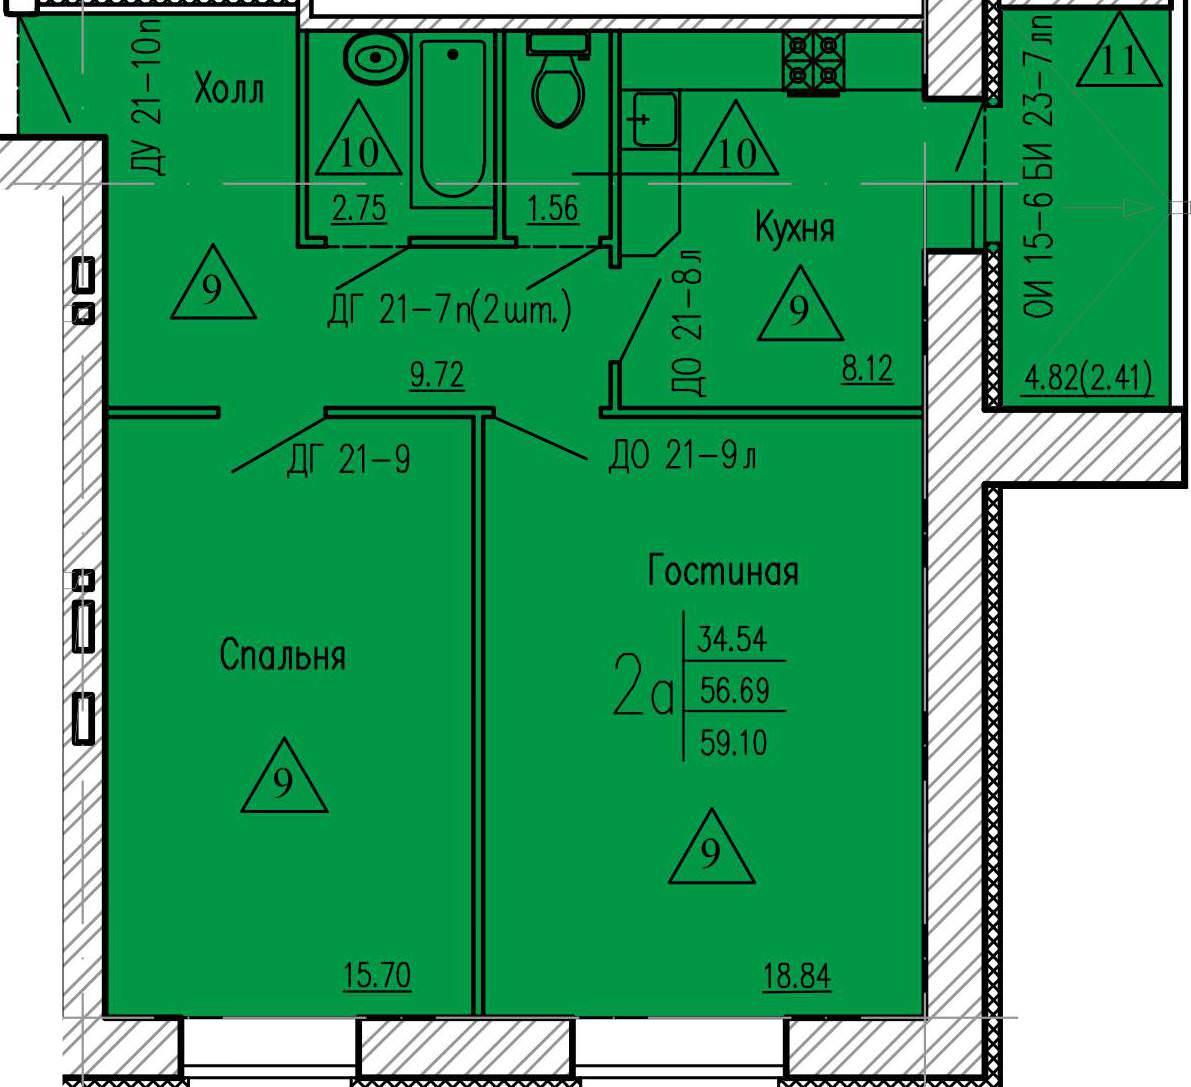 2-комнатная квартира 59.01 м² с раздельным санузлом